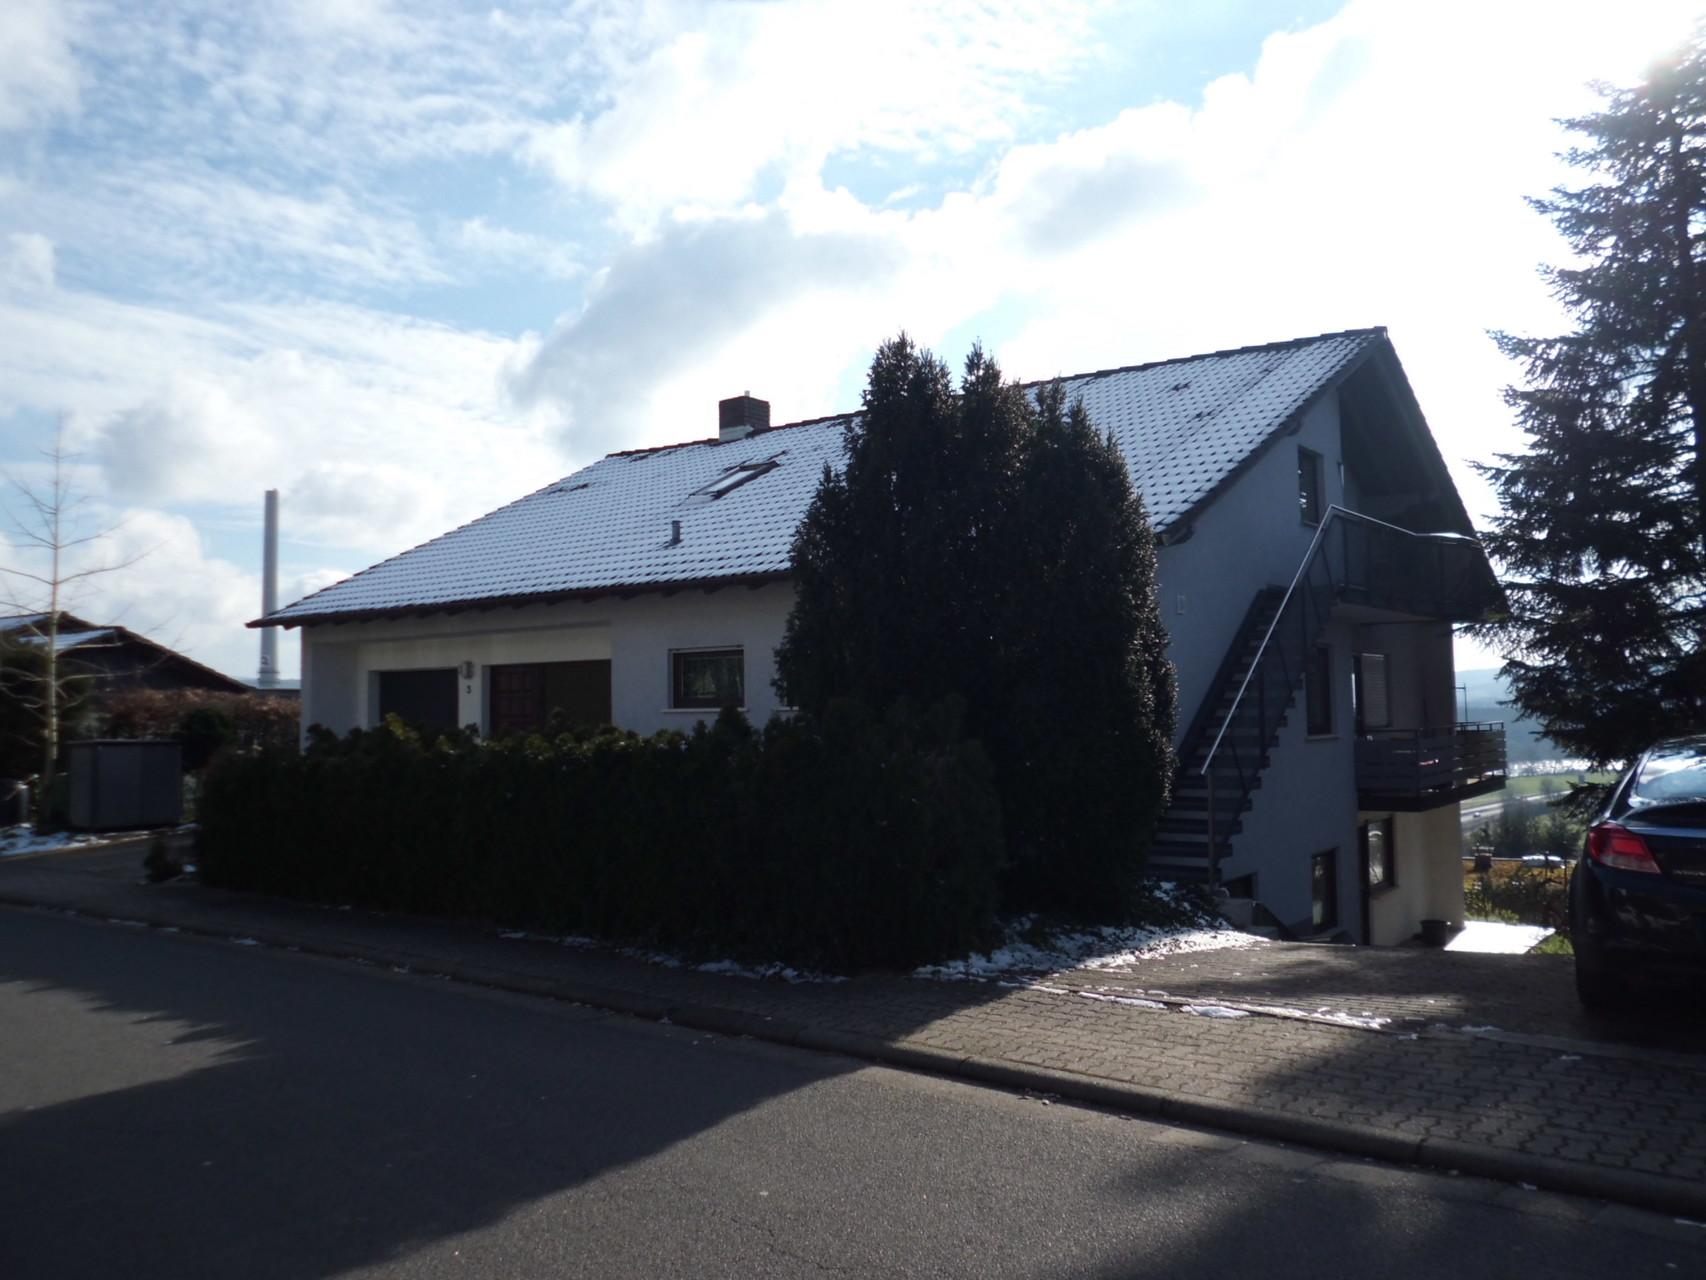 ETW in Obernburg